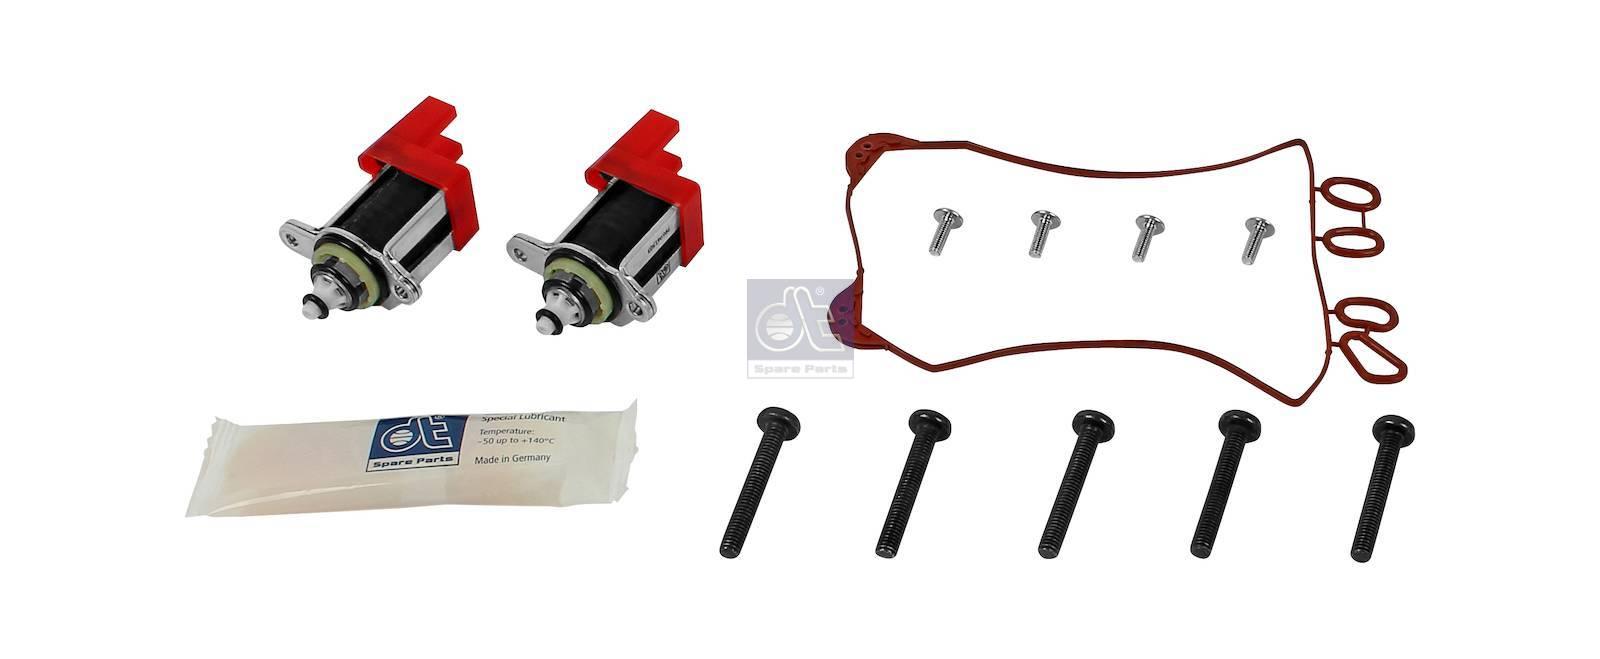 Repair kit, air dryer